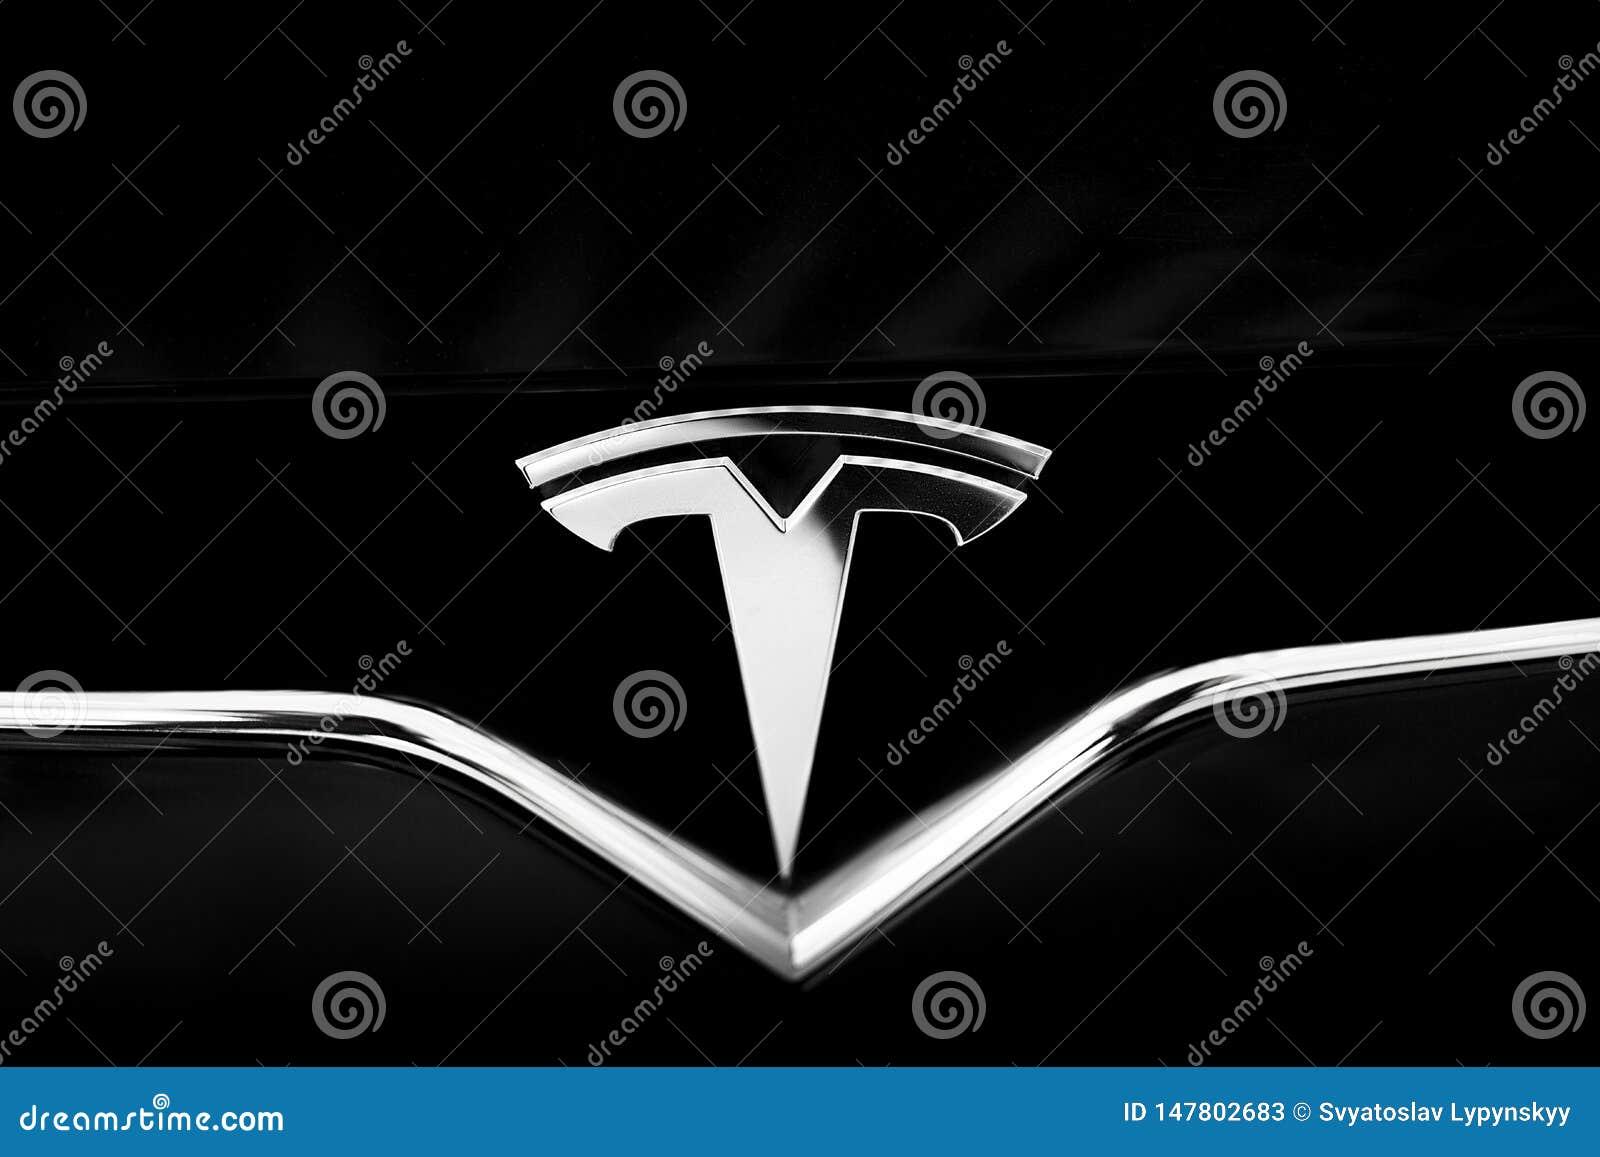 在黑汽车的特斯拉象征 特写镜头银色商标